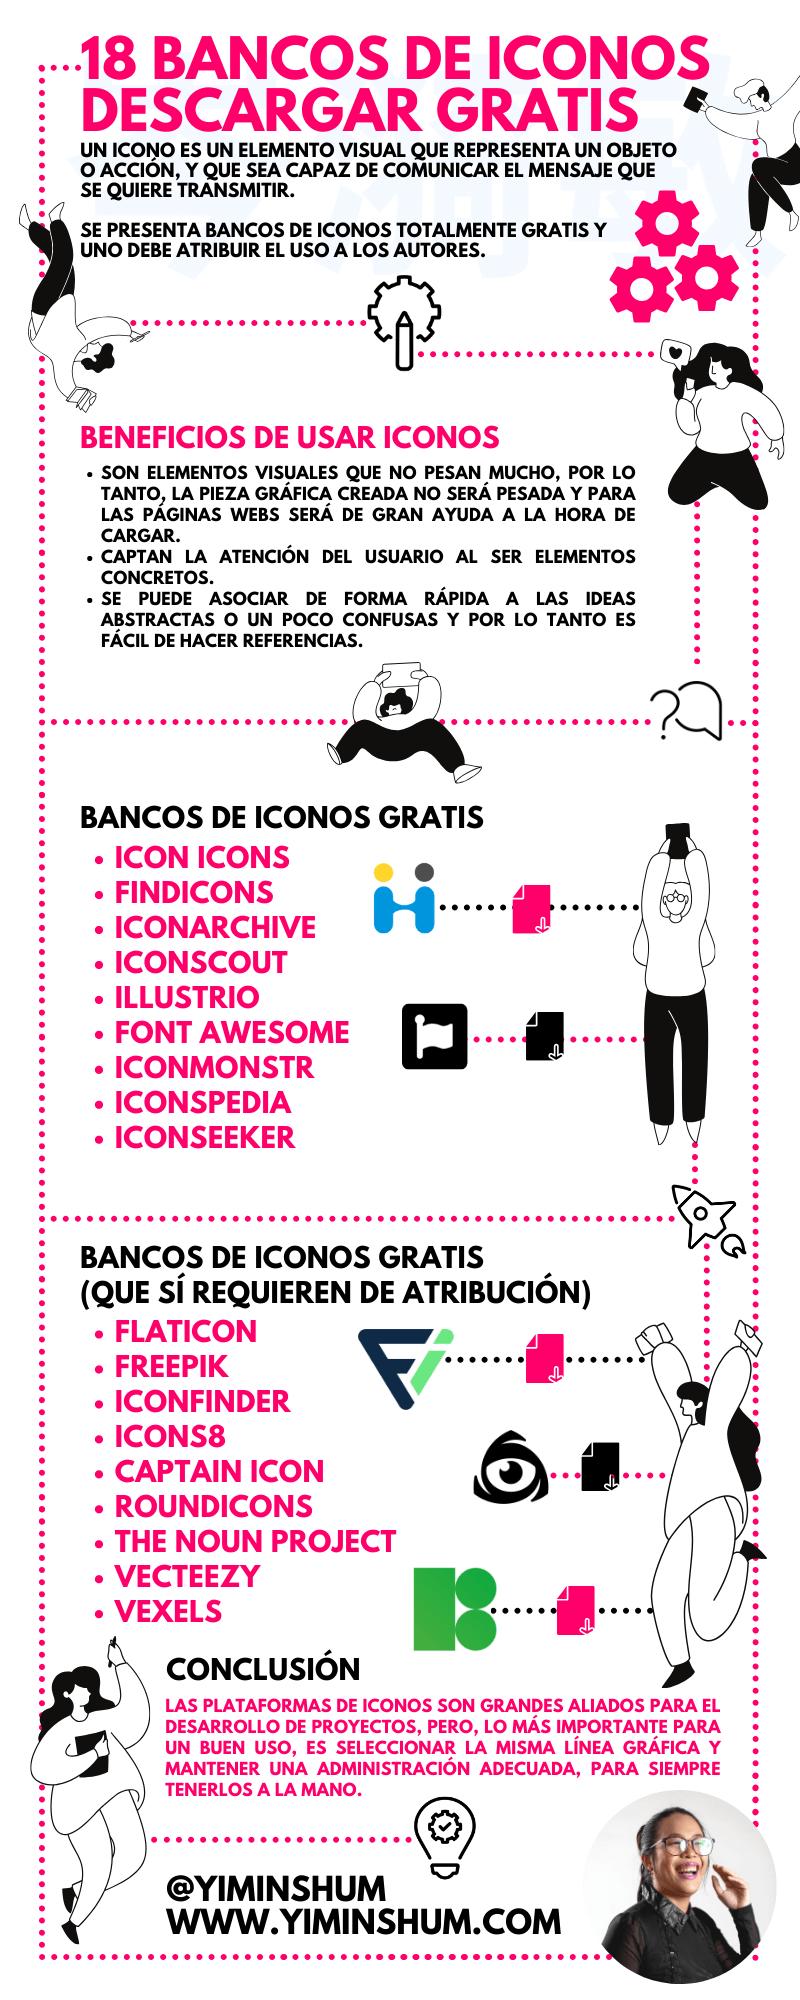 18 bancos de iconos para descargar gratis #infografia #infographic #design